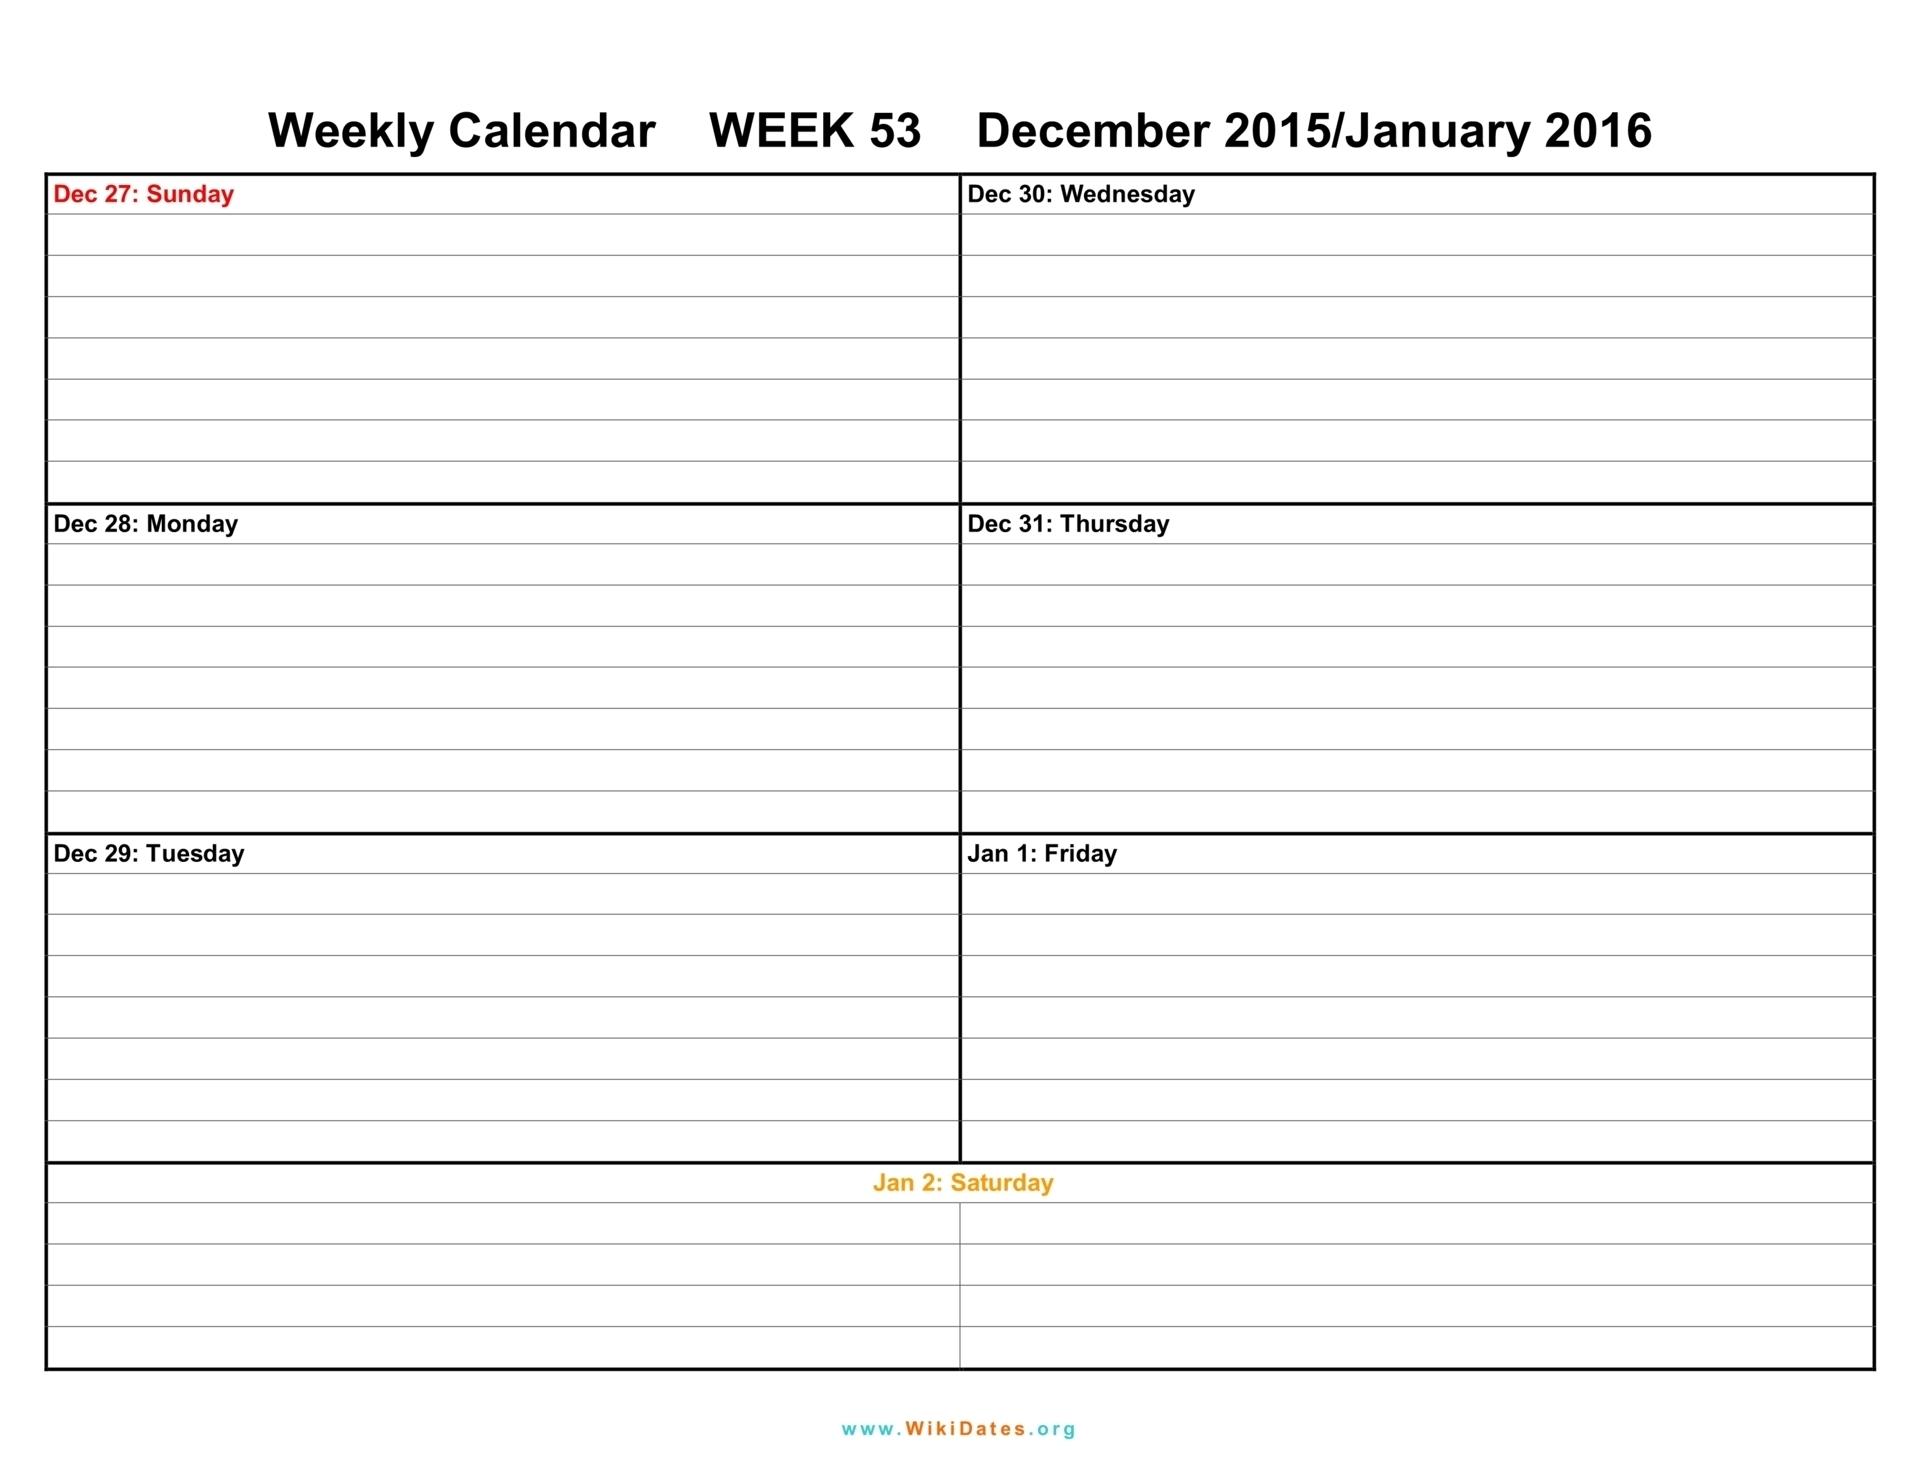 Pdf-Printable-Weekly-Calendar-Template-July intended for Free Printable Weekly Calendars Pdf